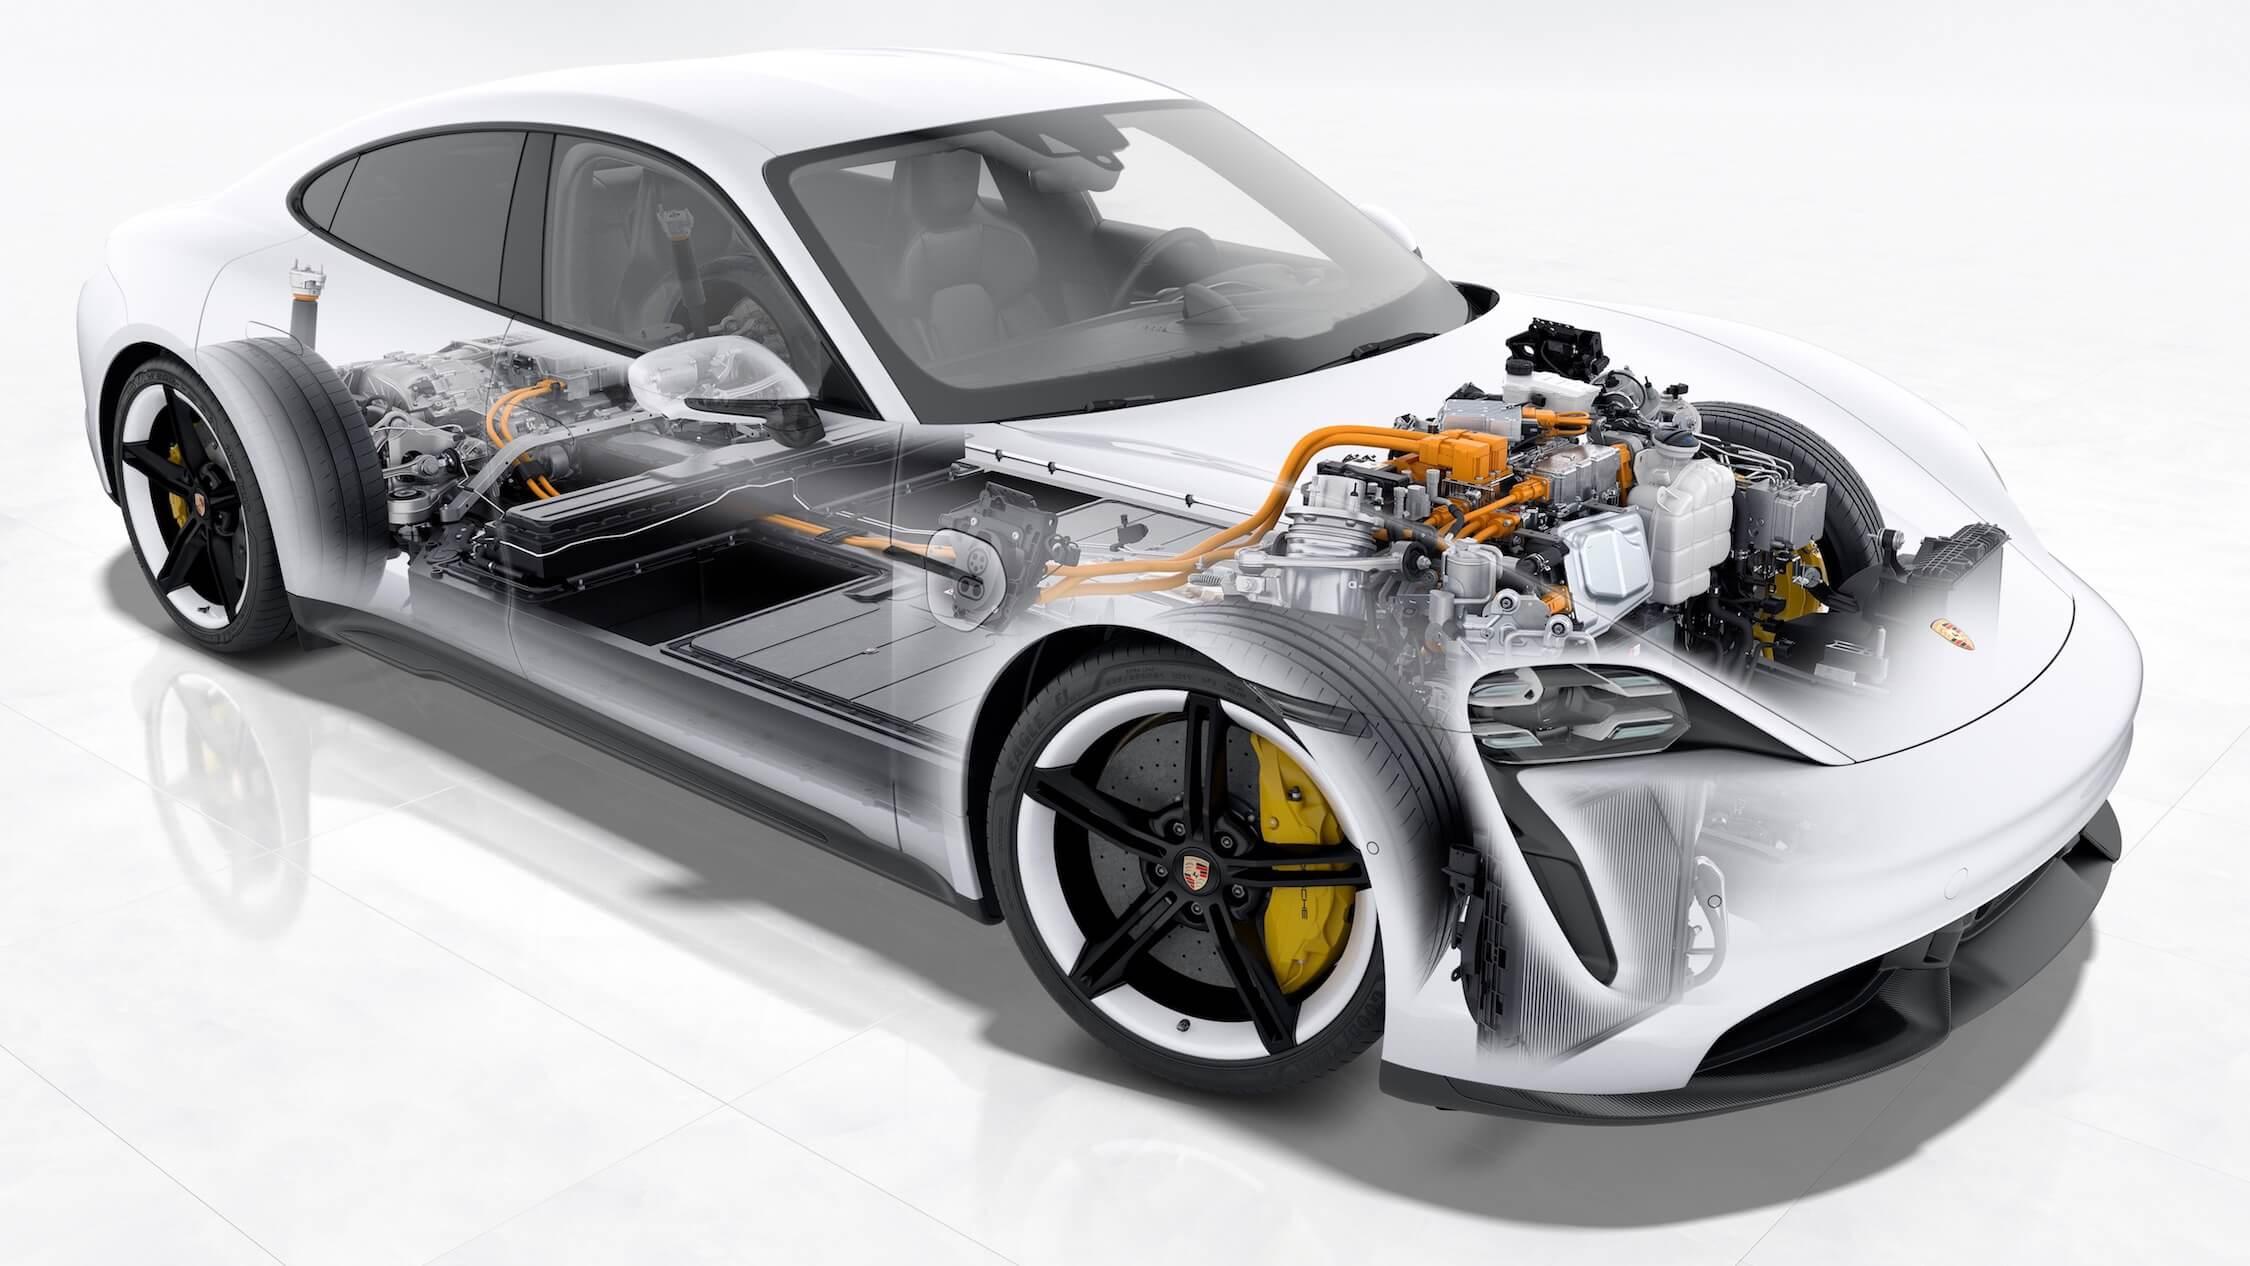 Porsche Taycan bateria cadeia cinemática